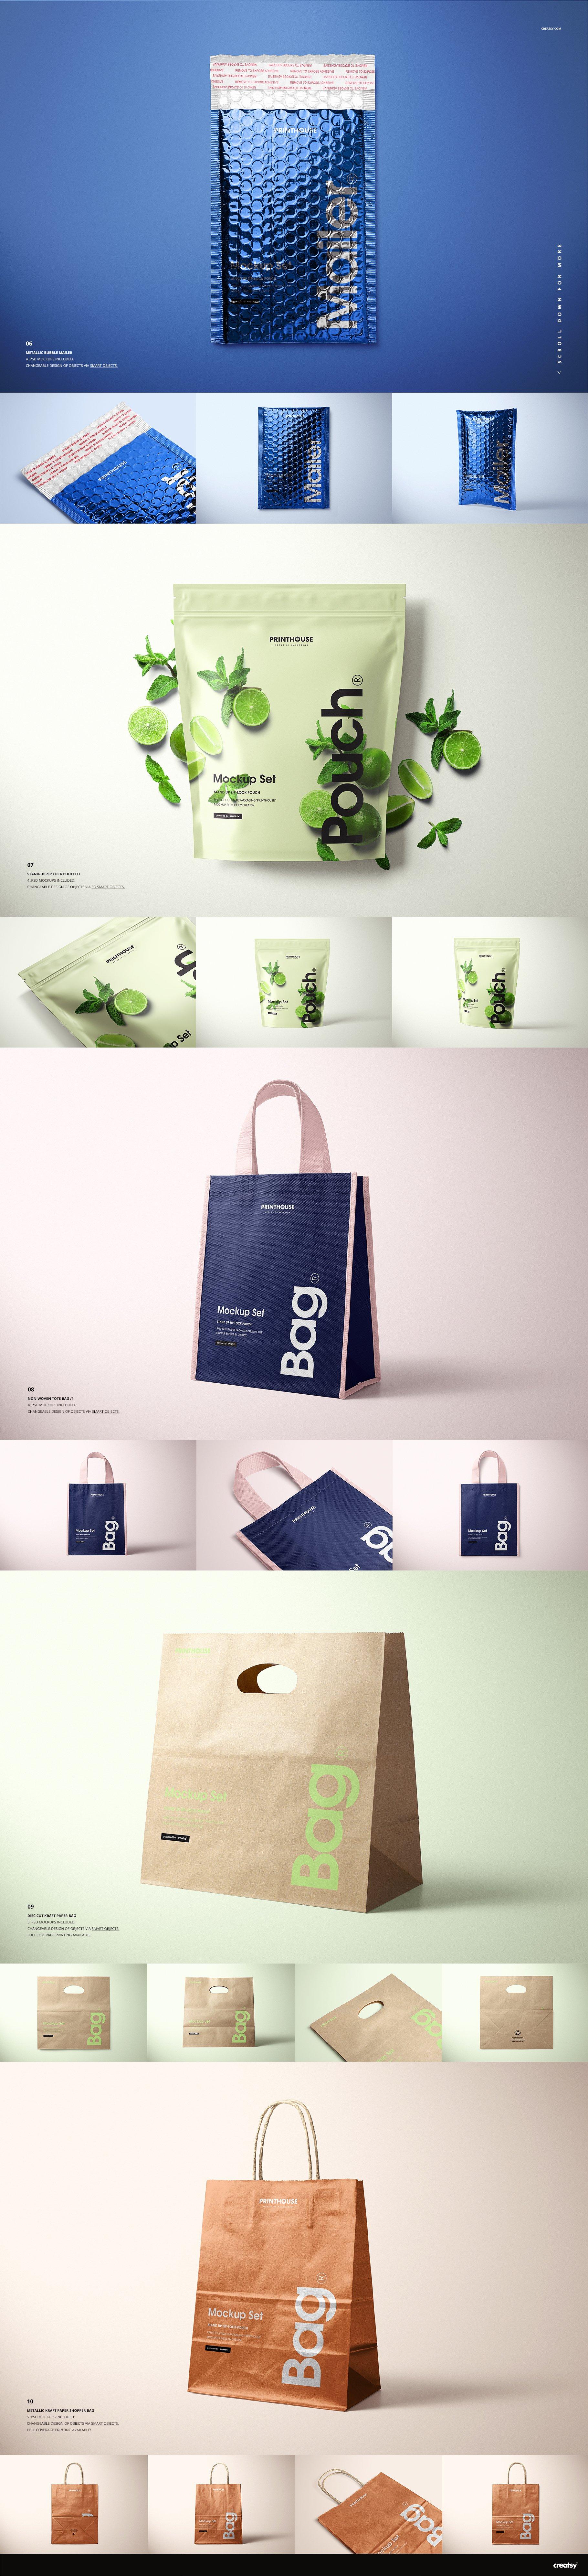 [淘宝购买] 273款时尚购物手提纸袋快递气泡塑料袋纸箱设计贴图PSD样机 Printhouse Mockups Bundle v.1插图(6)